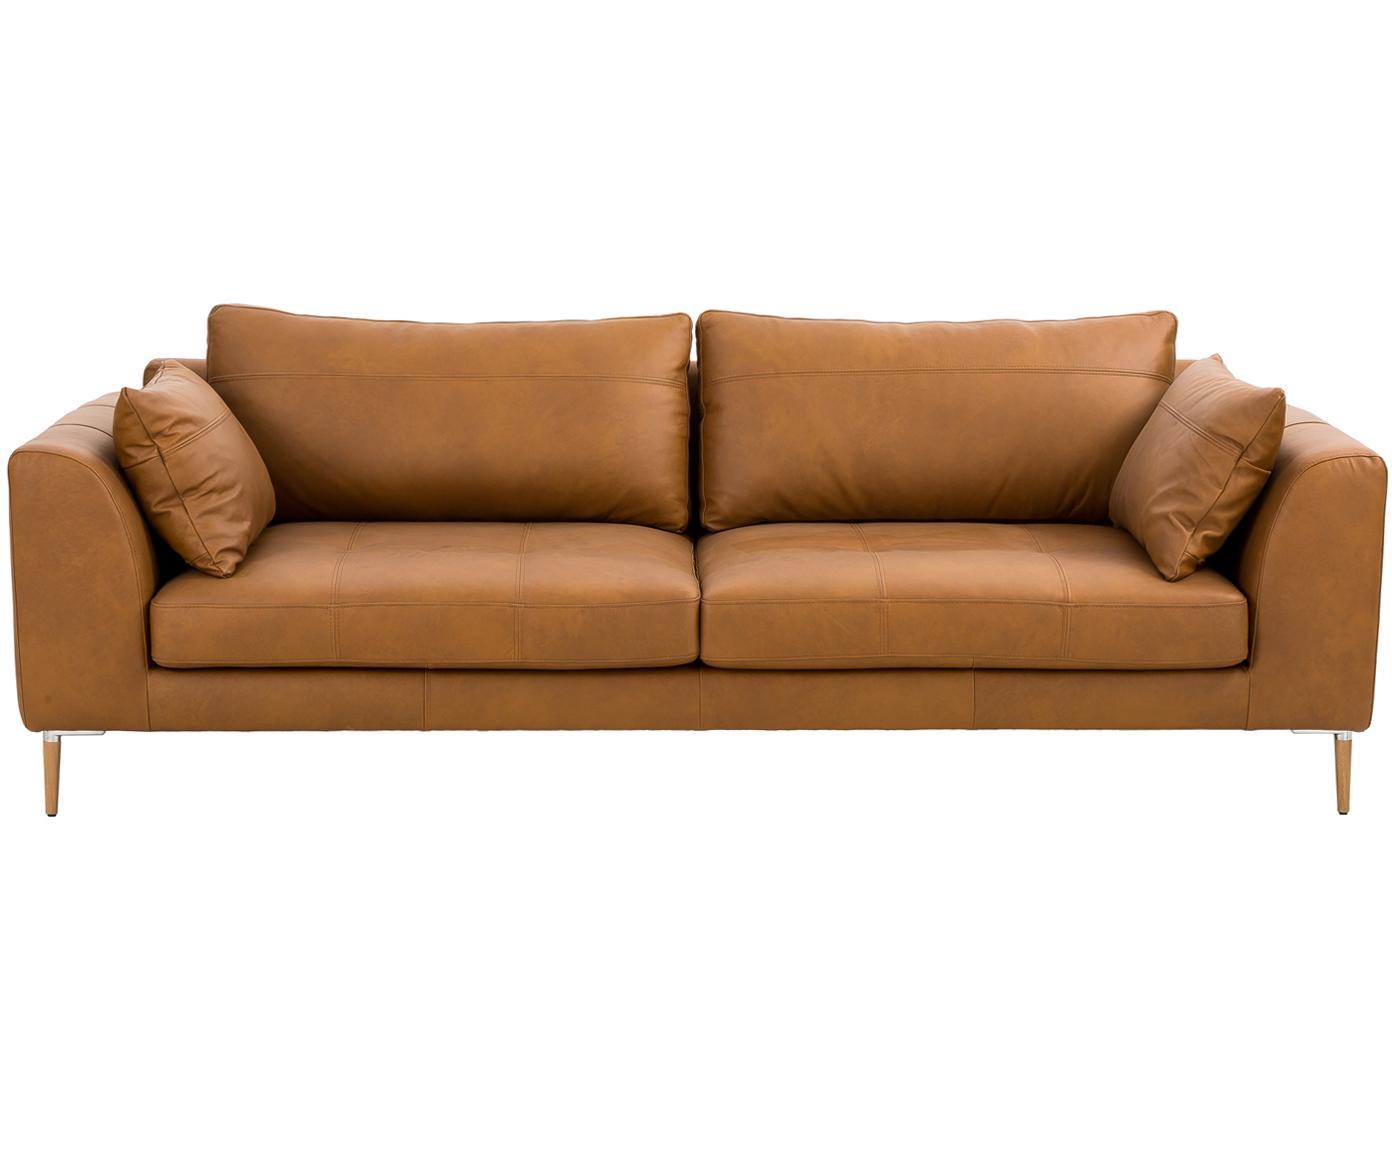 Leder Big Sofa Canyon (3-Sitzer), Bezug: Semianilinleder, Füße: Buchenholz, Metall, Leder Cognac, B 225 x T 100 cm